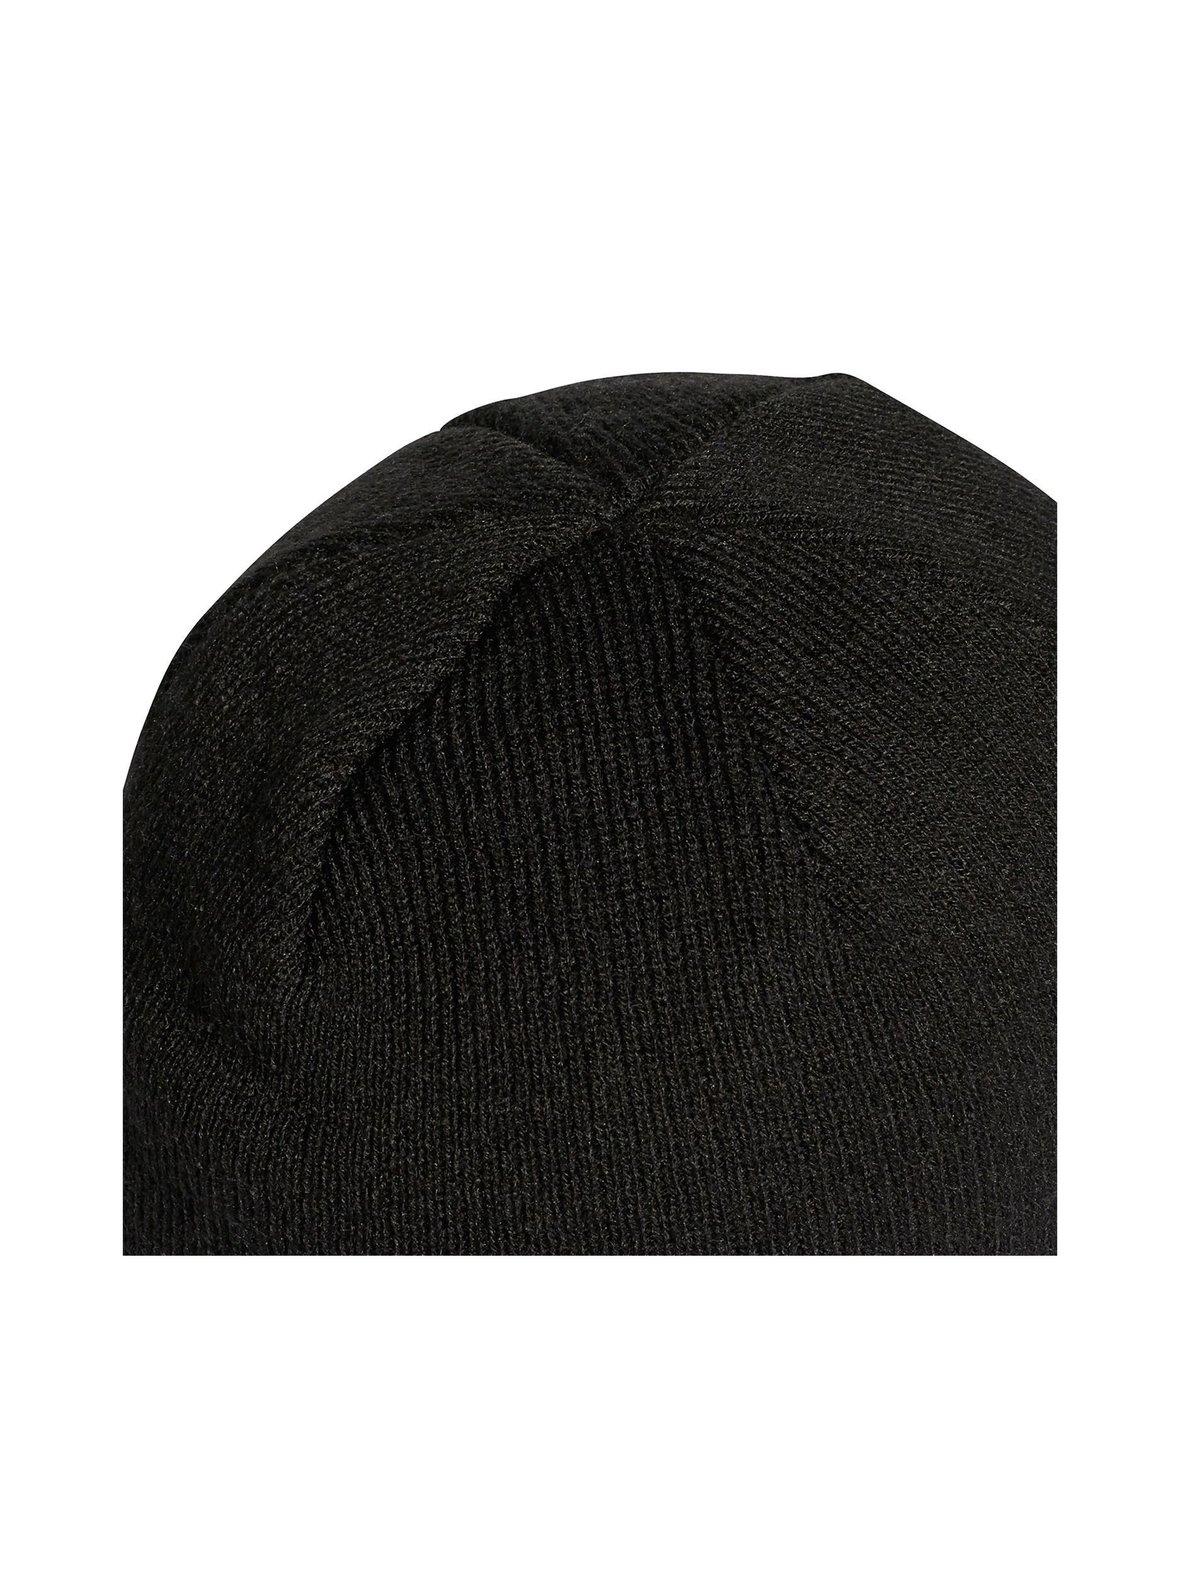 Black (musta) Adidas Originals Trefoil-pipo  72d0bc83b1